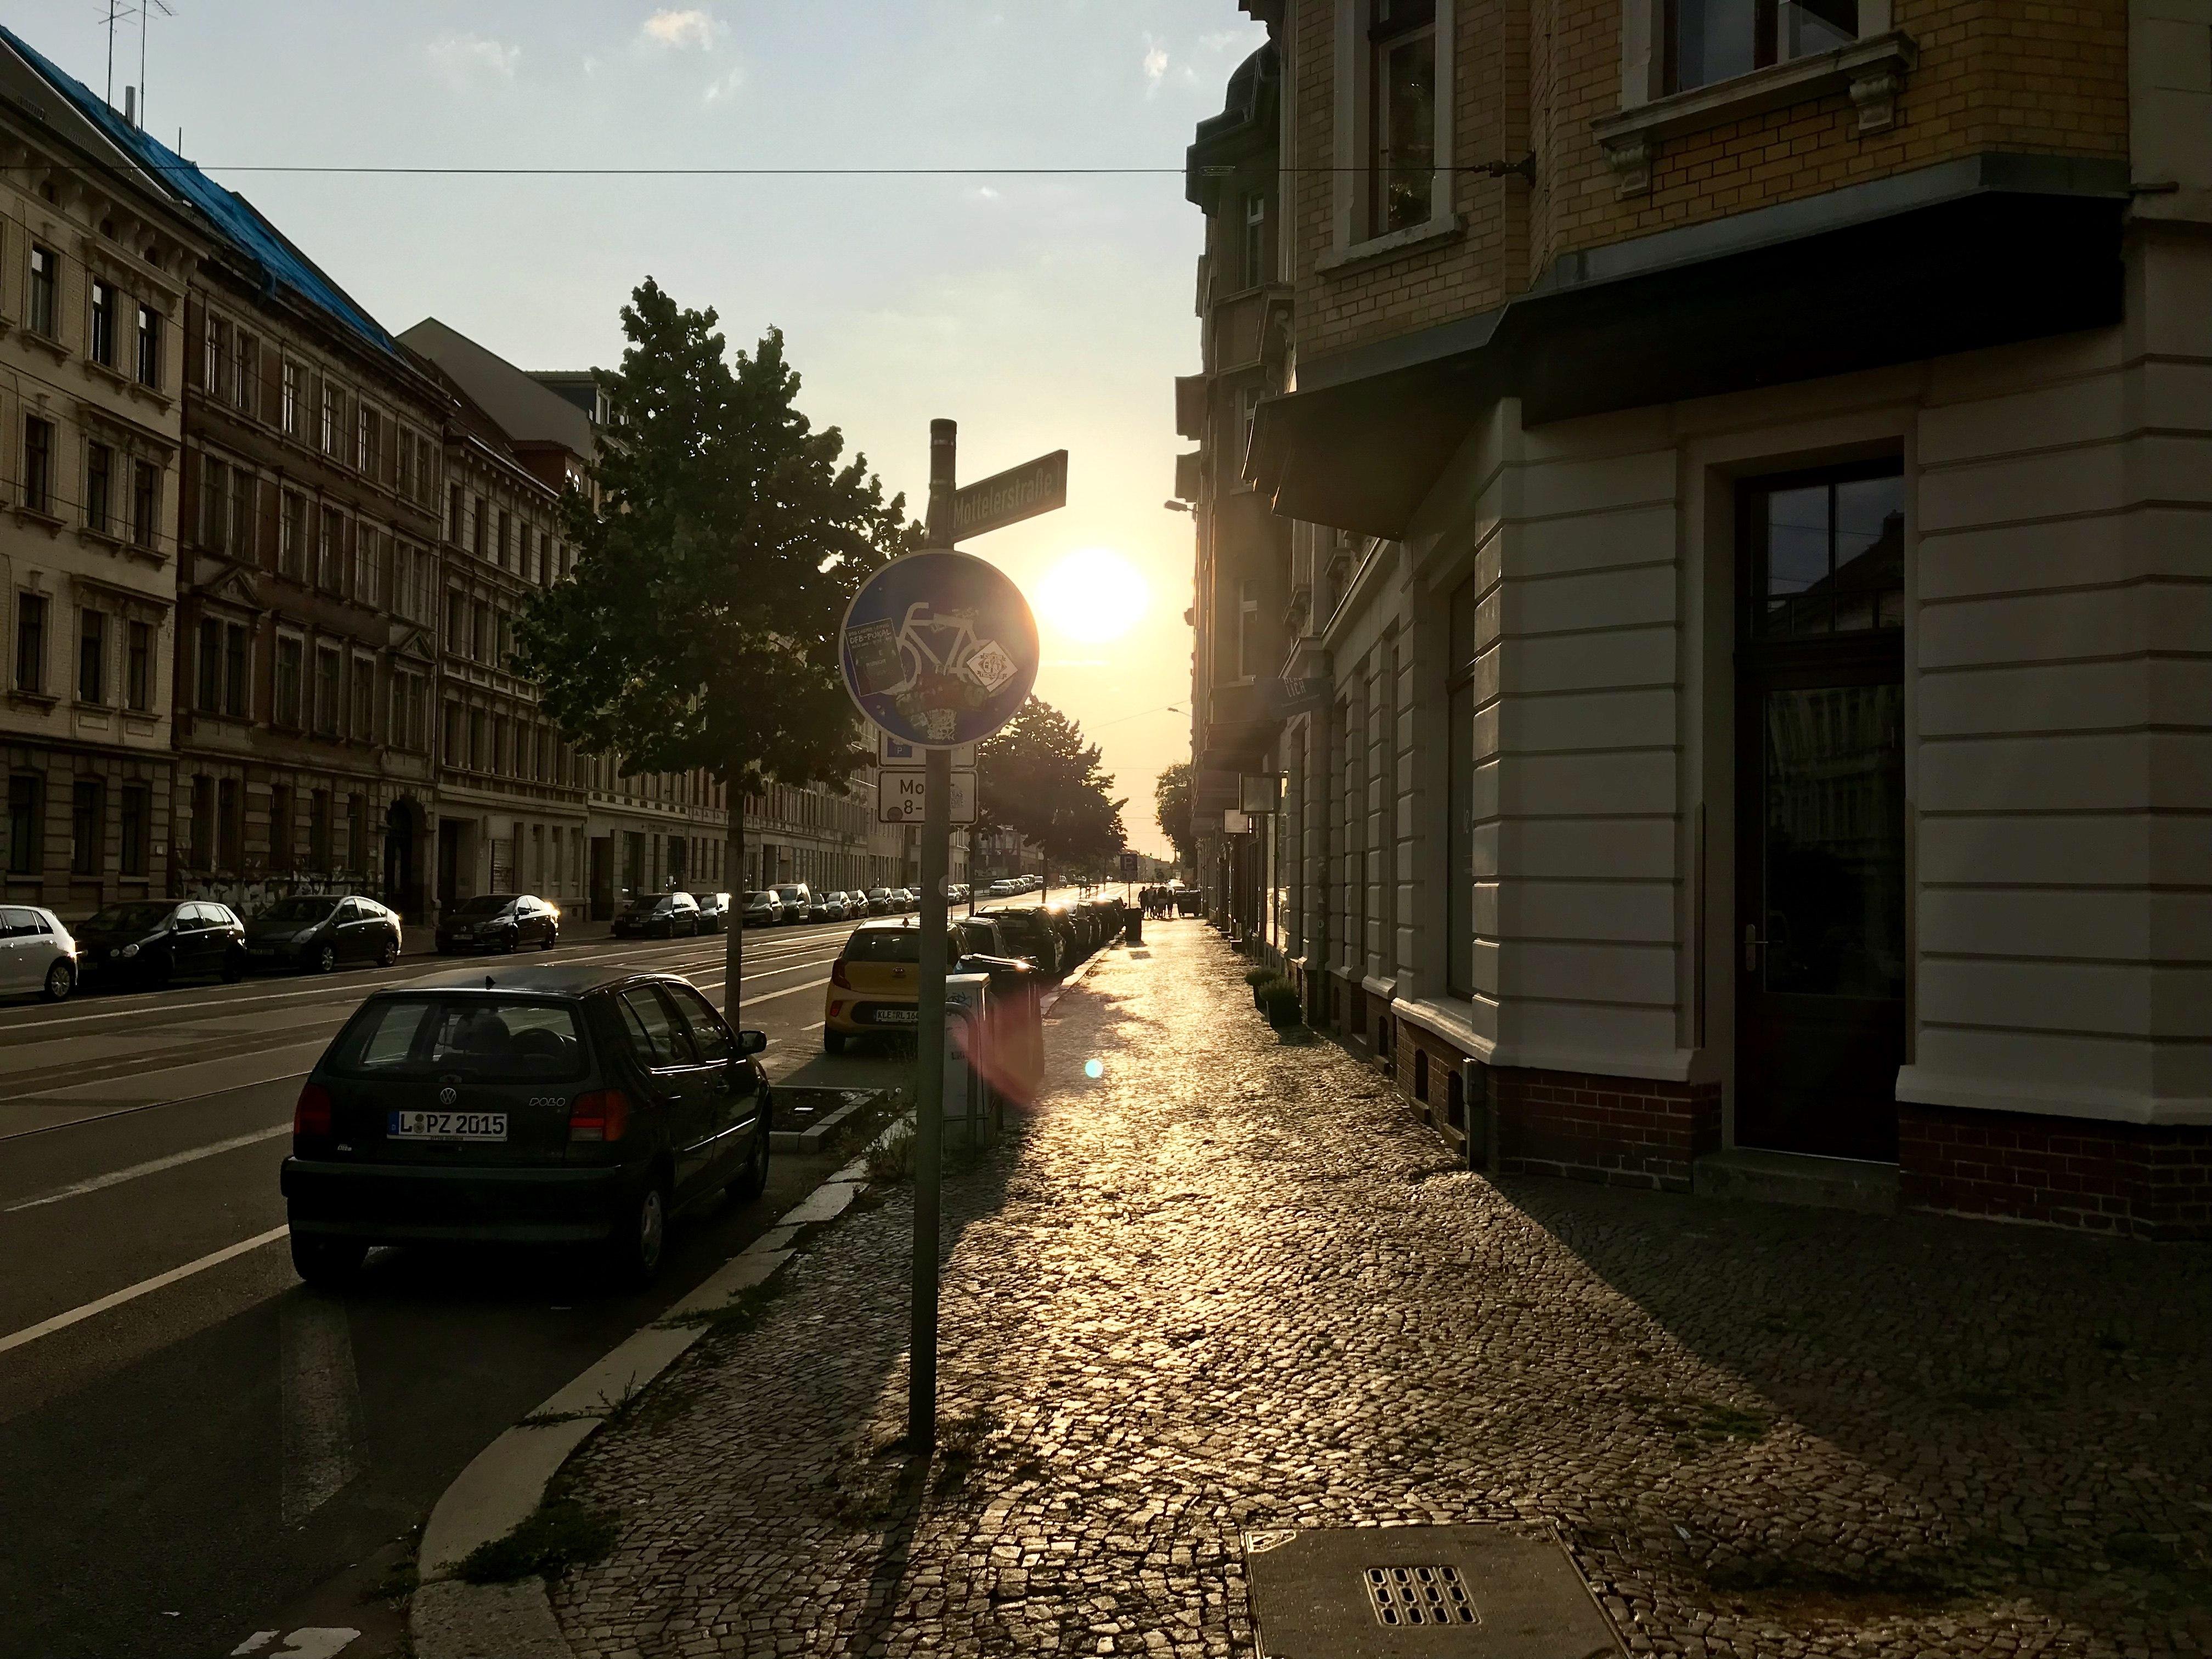 Streifzug durch die Stadt, Leipzig